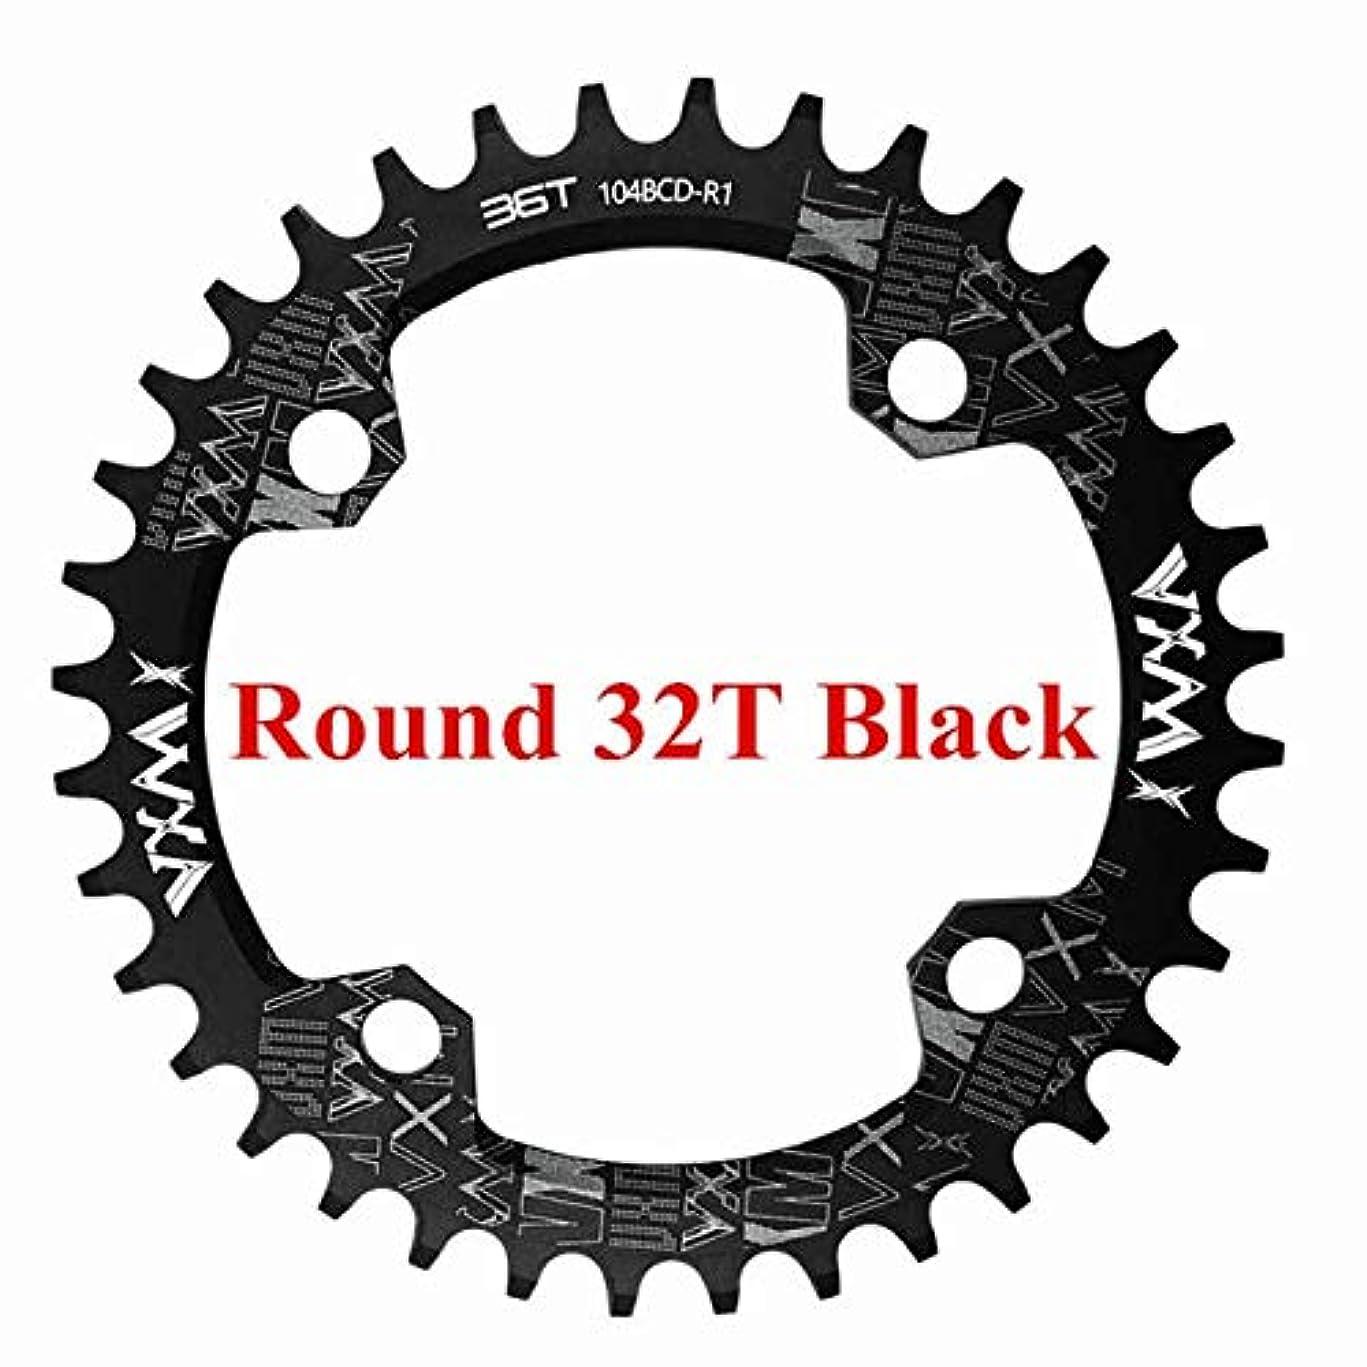 予想外ジャーナル行政Propenary - 自転車104BCDクランクオーバルラウンド30T 32T 34T 36T 38T 40T 42T 44T 46T 48T 50T 52TチェーンホイールXT狭い広い自転車チェーンリング[ラウンド32Tブラック]